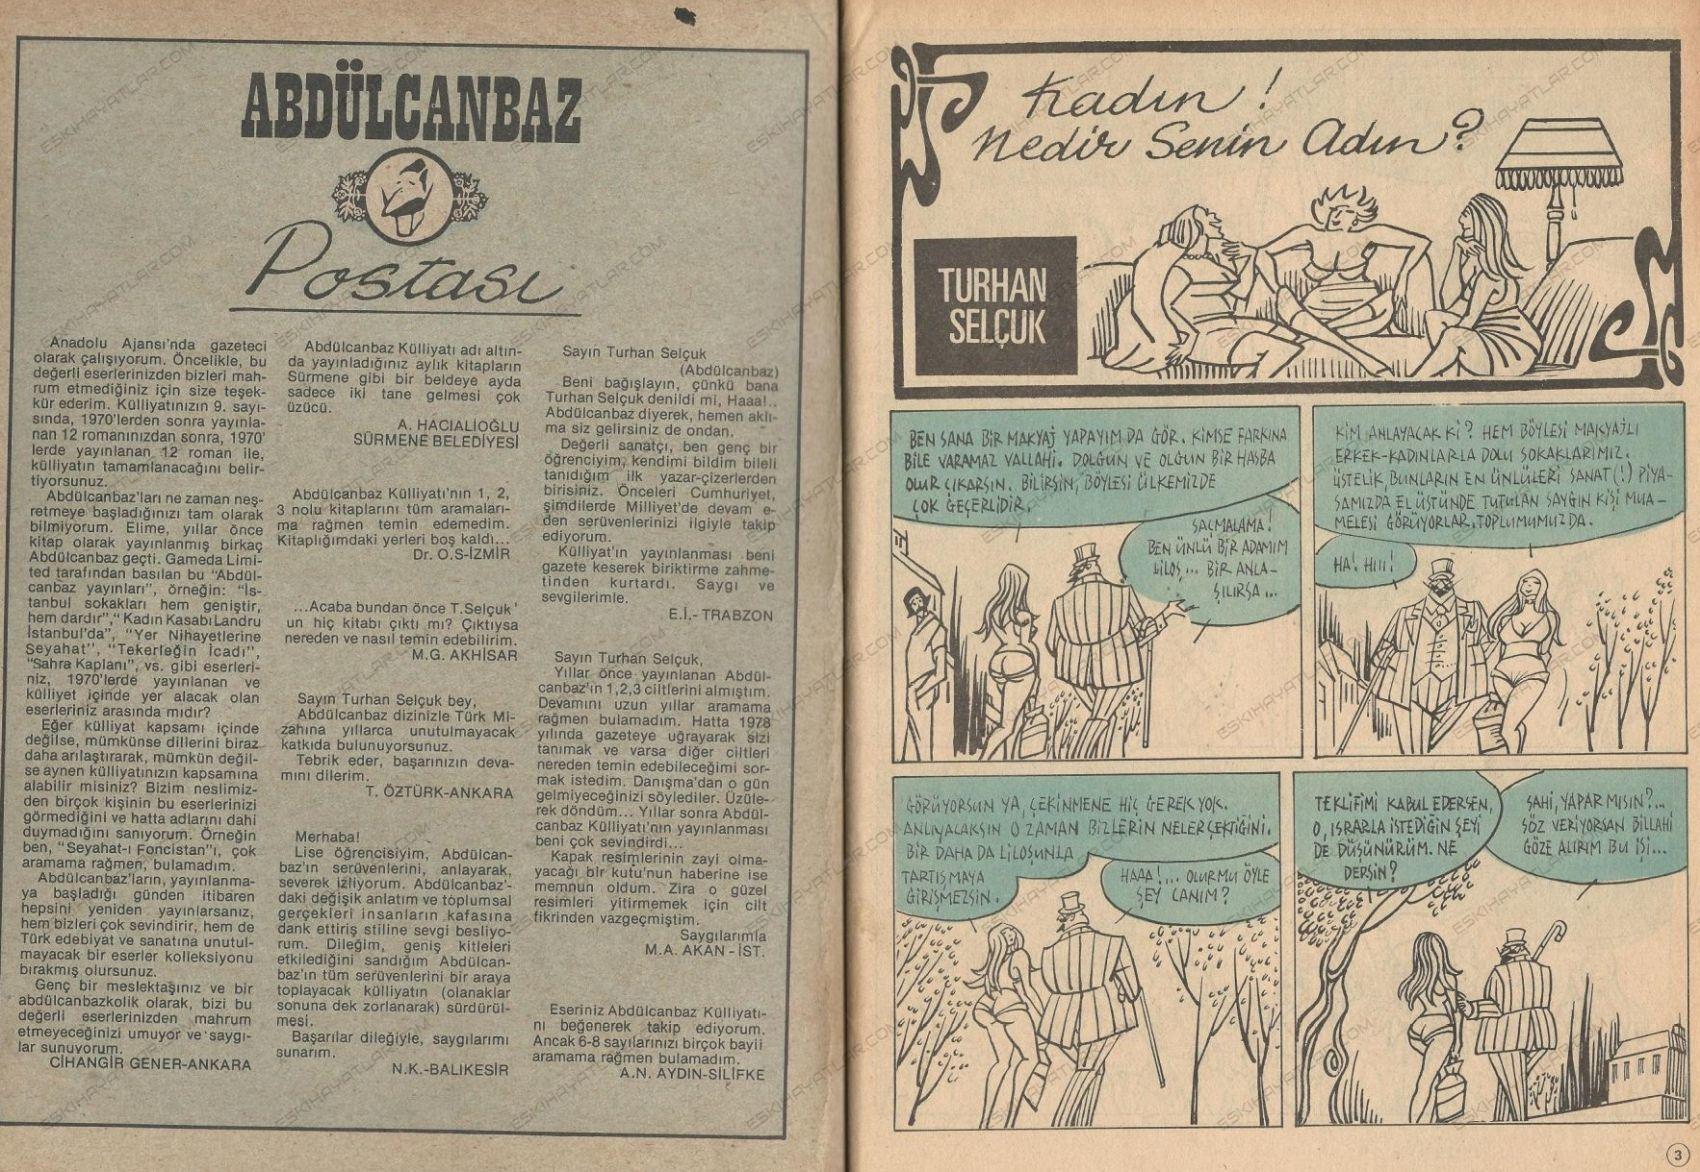 0177-abdulcanbaz-kadin-nedir-senin-adin-turhan-selcuk-milliyet-yayinlari (1)